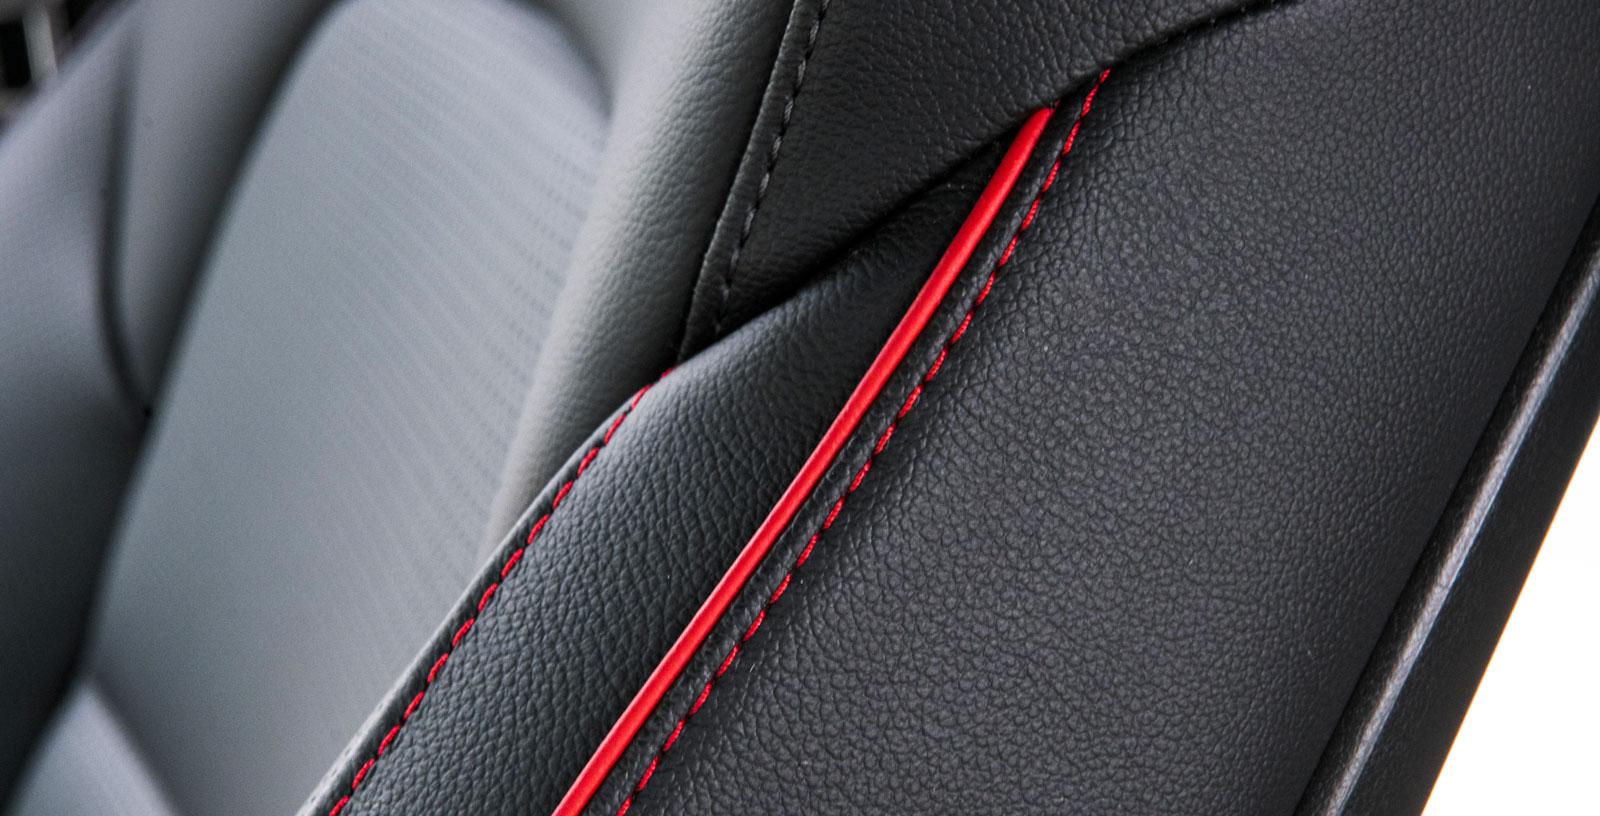 Röda kontrastsömmar ingår i GT-Line-utrustningen. Piggar upp en annars dystersvart interiör. Ford använder samma knep för bilar i ST-Line-utförande.